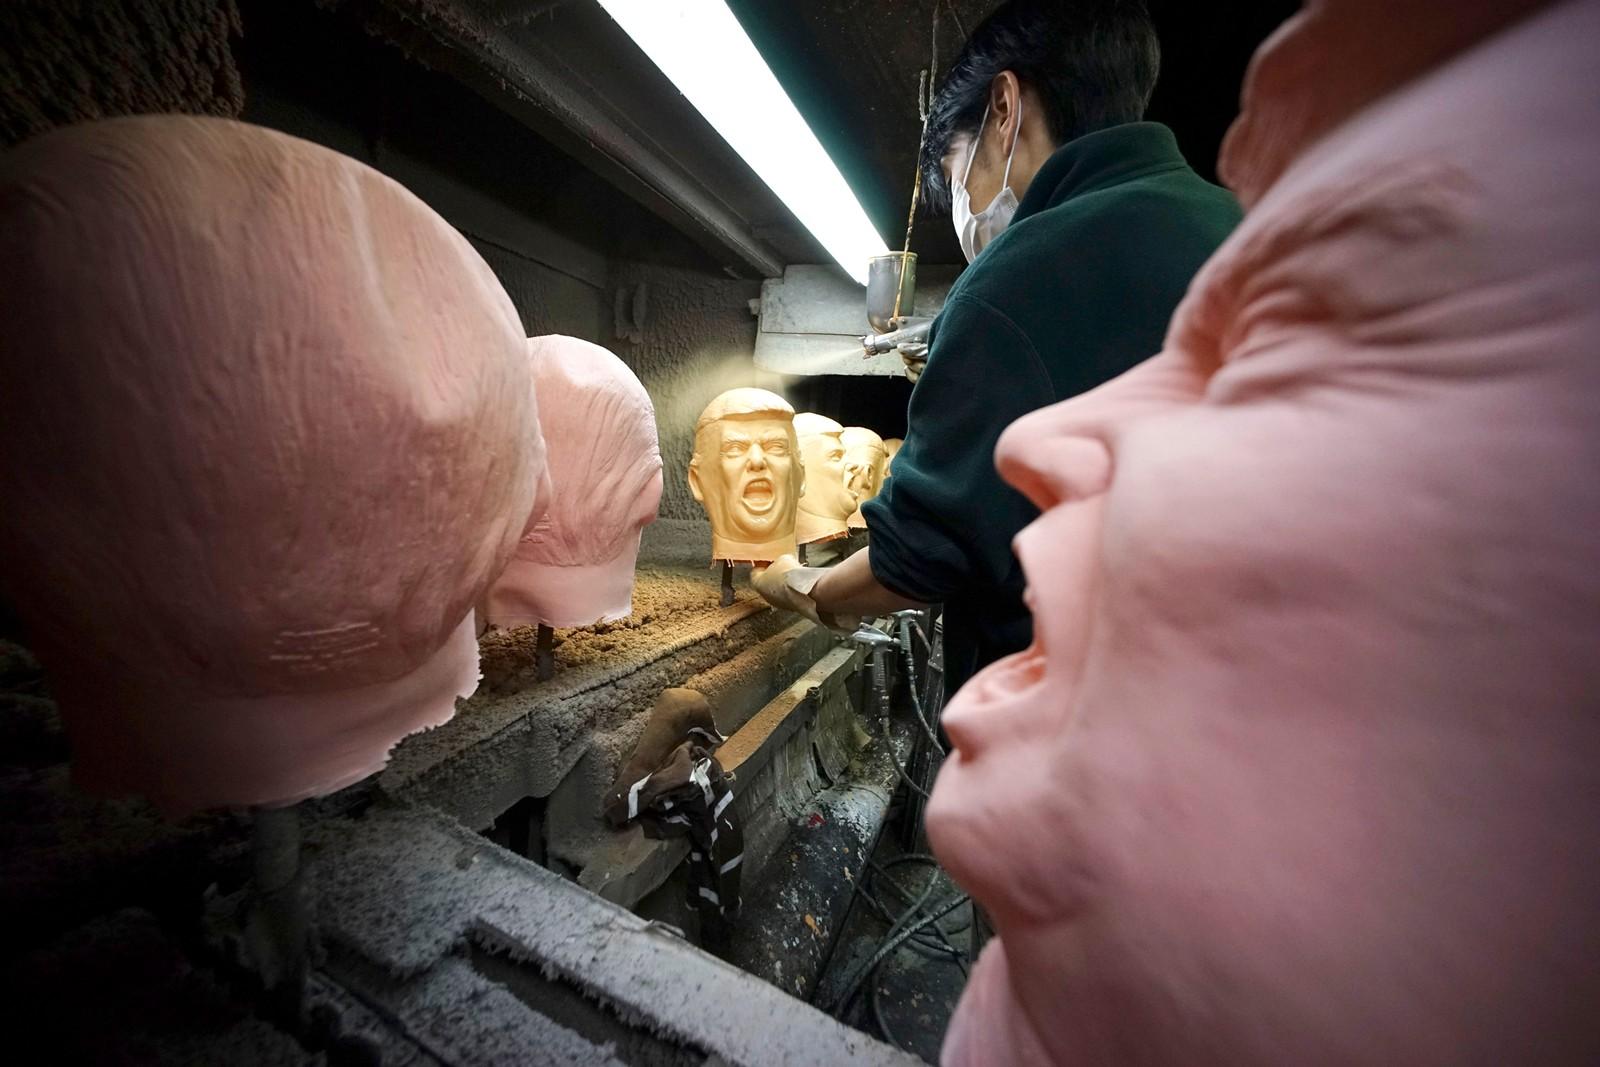 En arbeider sprayer farge på masker som skal forestille Donald Trump i Saitama i Japan. Etter valget har de 23 som har jobbet der jobbet hele døgnet for å kunne levere nok masker. De må nå produsere 350 masker hver dag, mot 45 før valget.